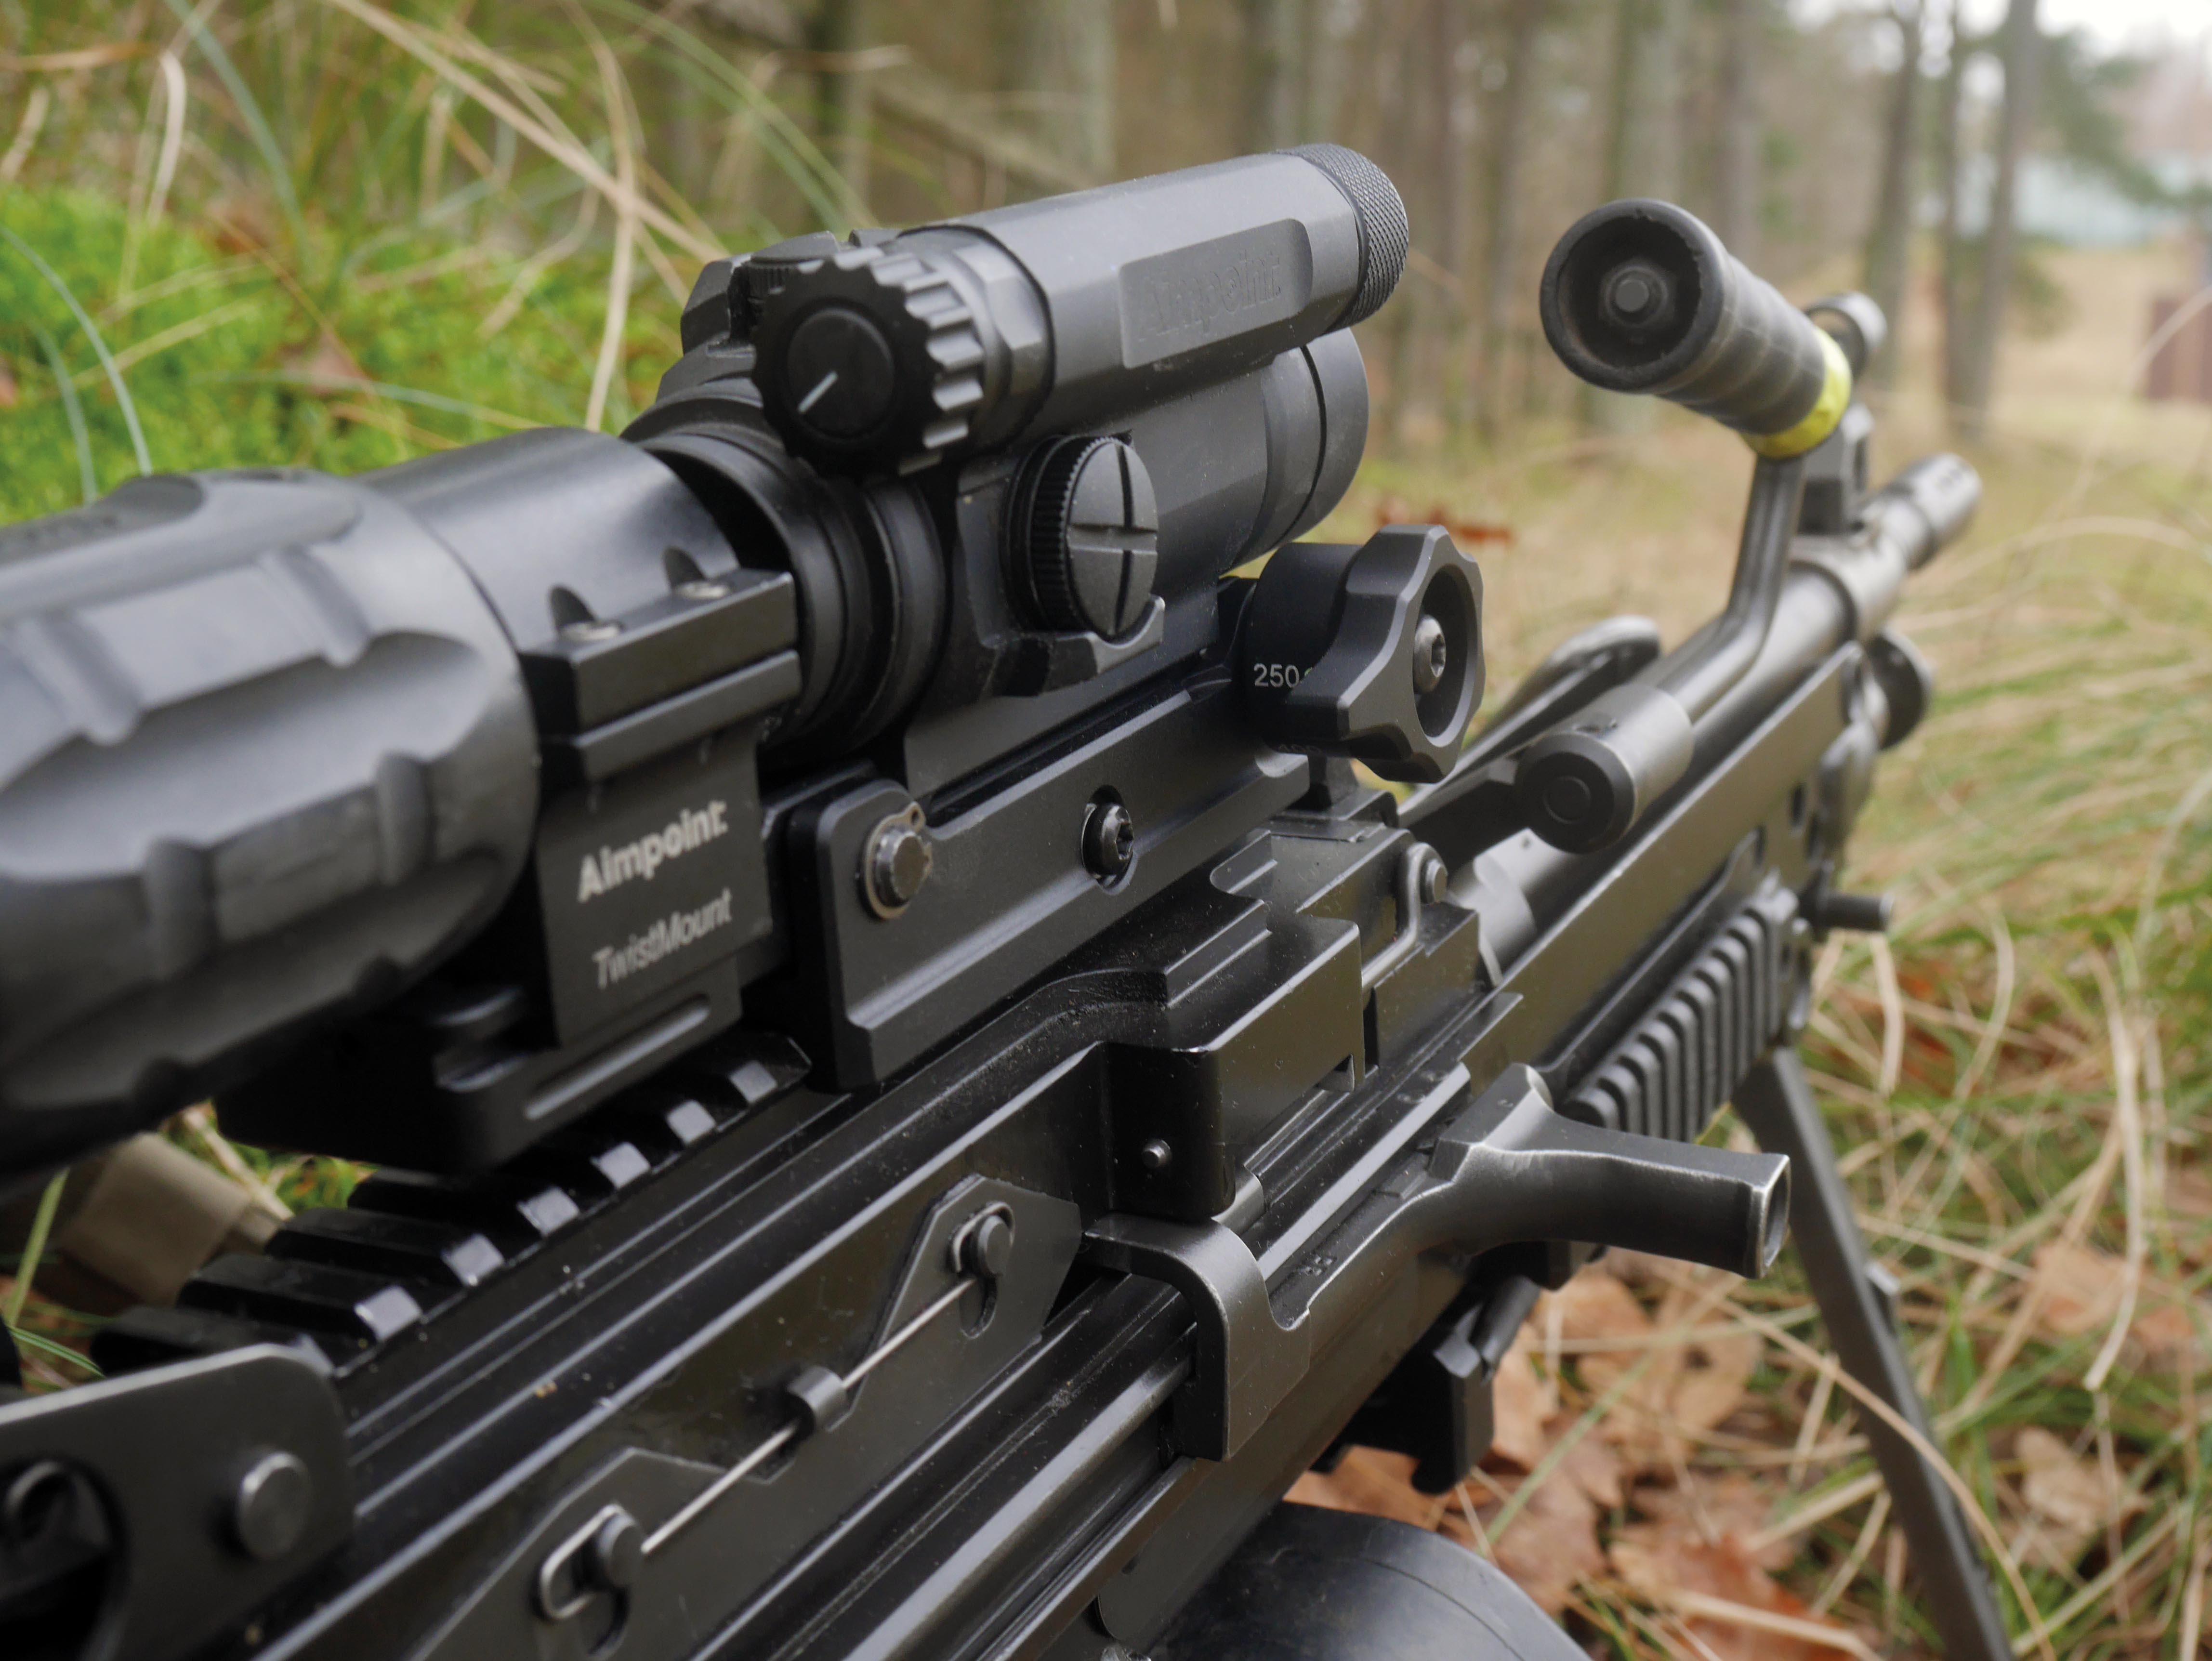 sphur BAM B.A.M. machine gun optic mount